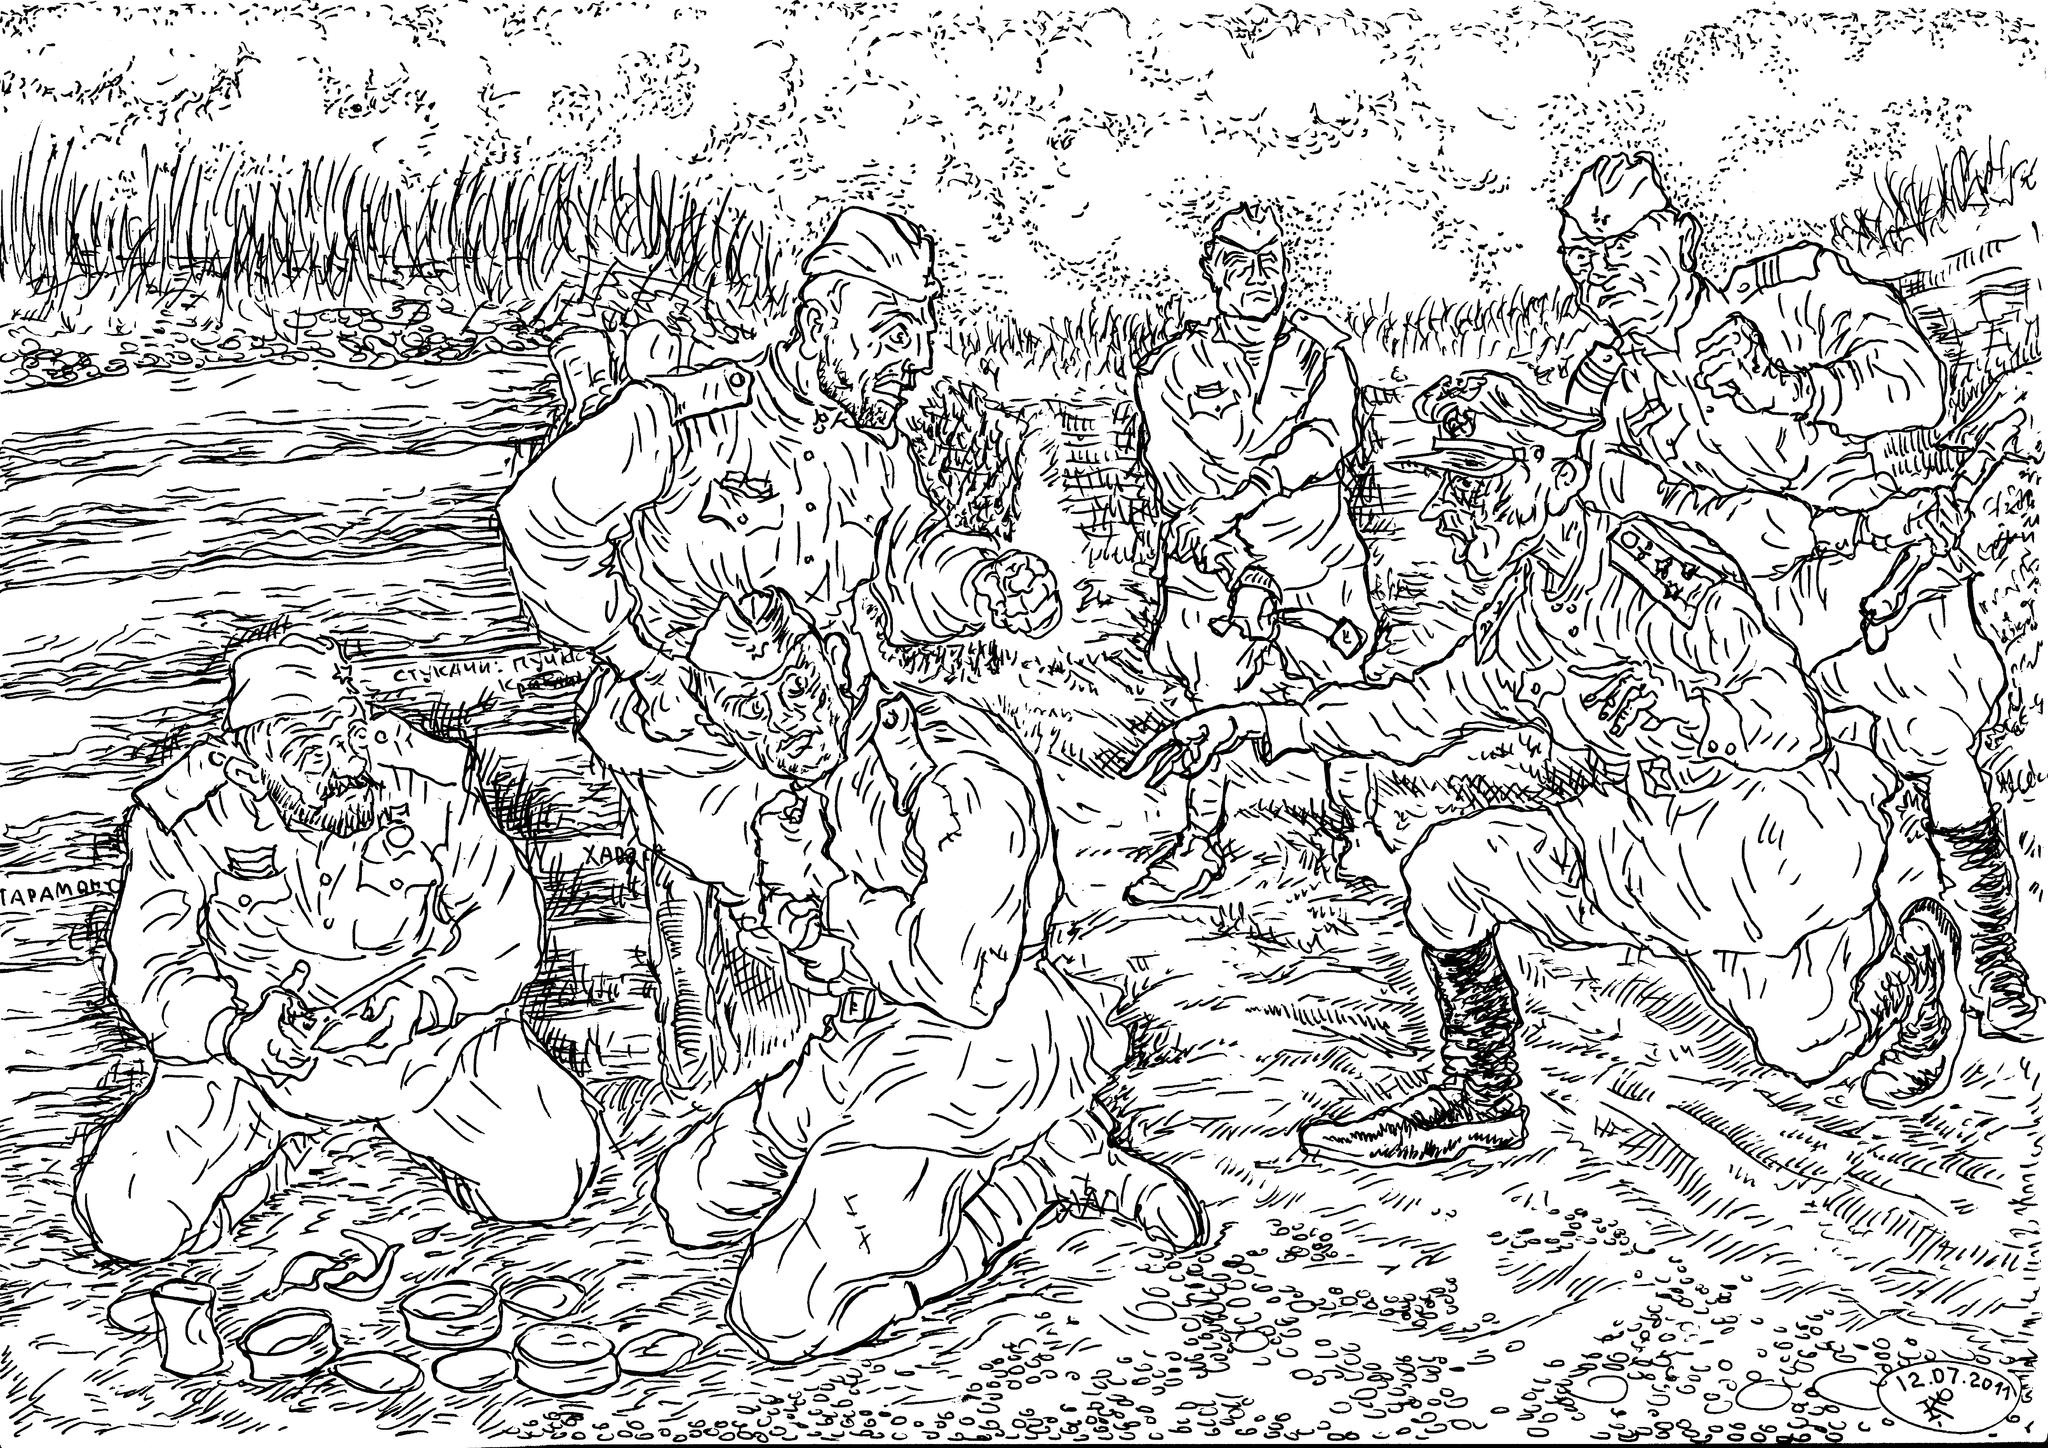 Перед боем солдаты писали письма домой, а не заявления в ВКП(б). Из консервных банок делали нательные крестики